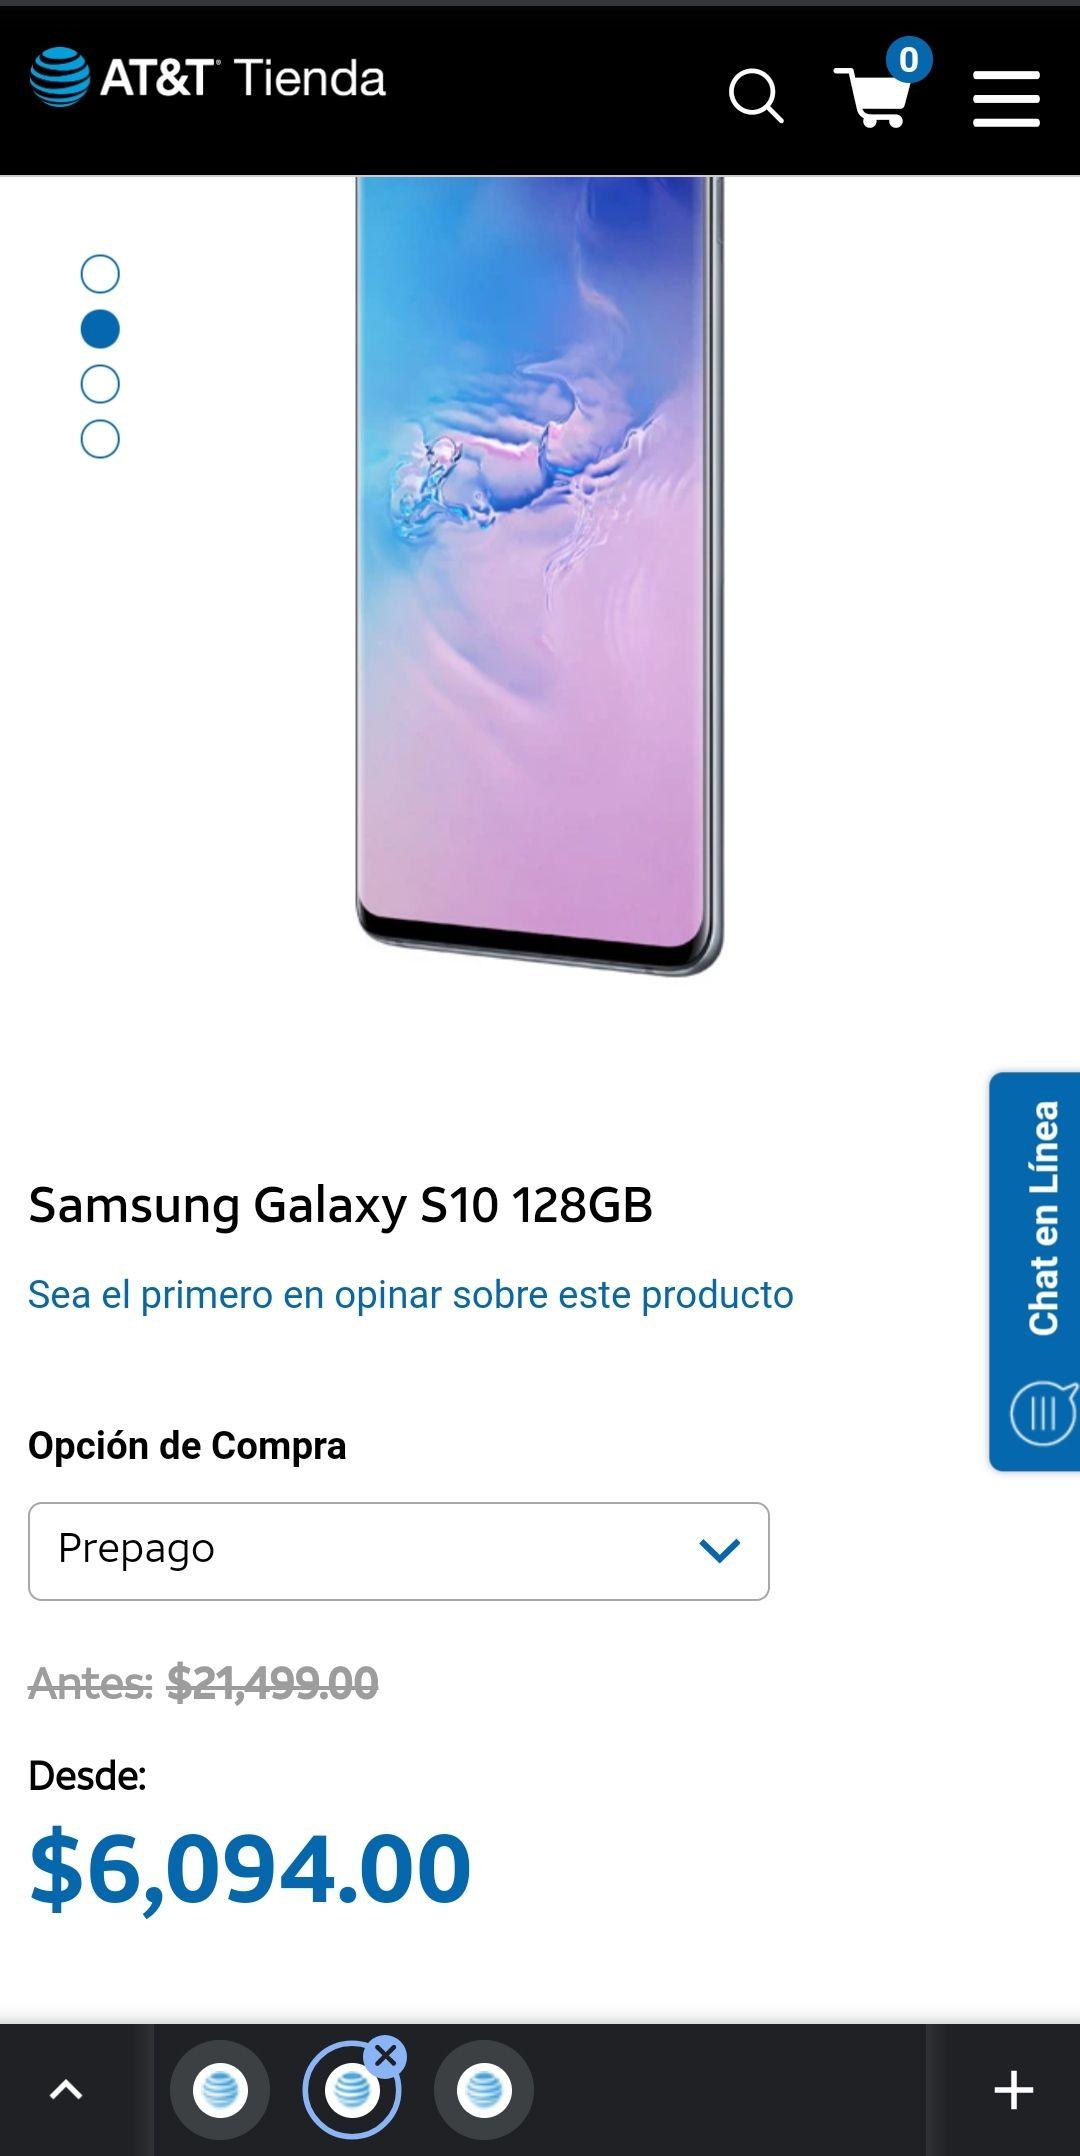 AT&T: Samsung Galaxy S10 128 GB